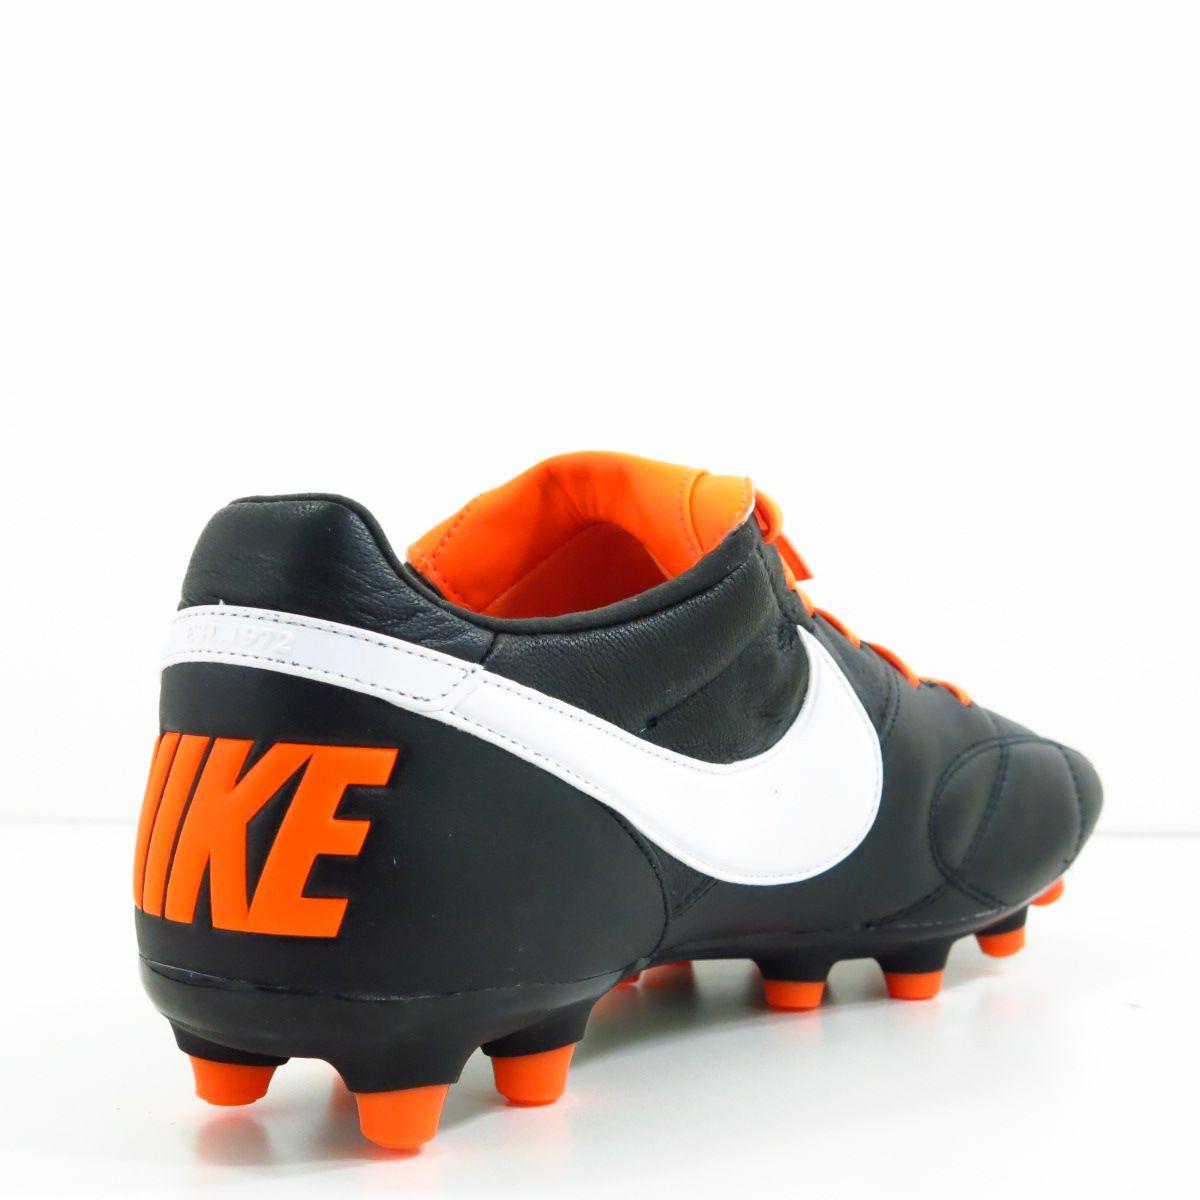 Chuteira Nike Premier Tiempo FG - Couro de Canguru